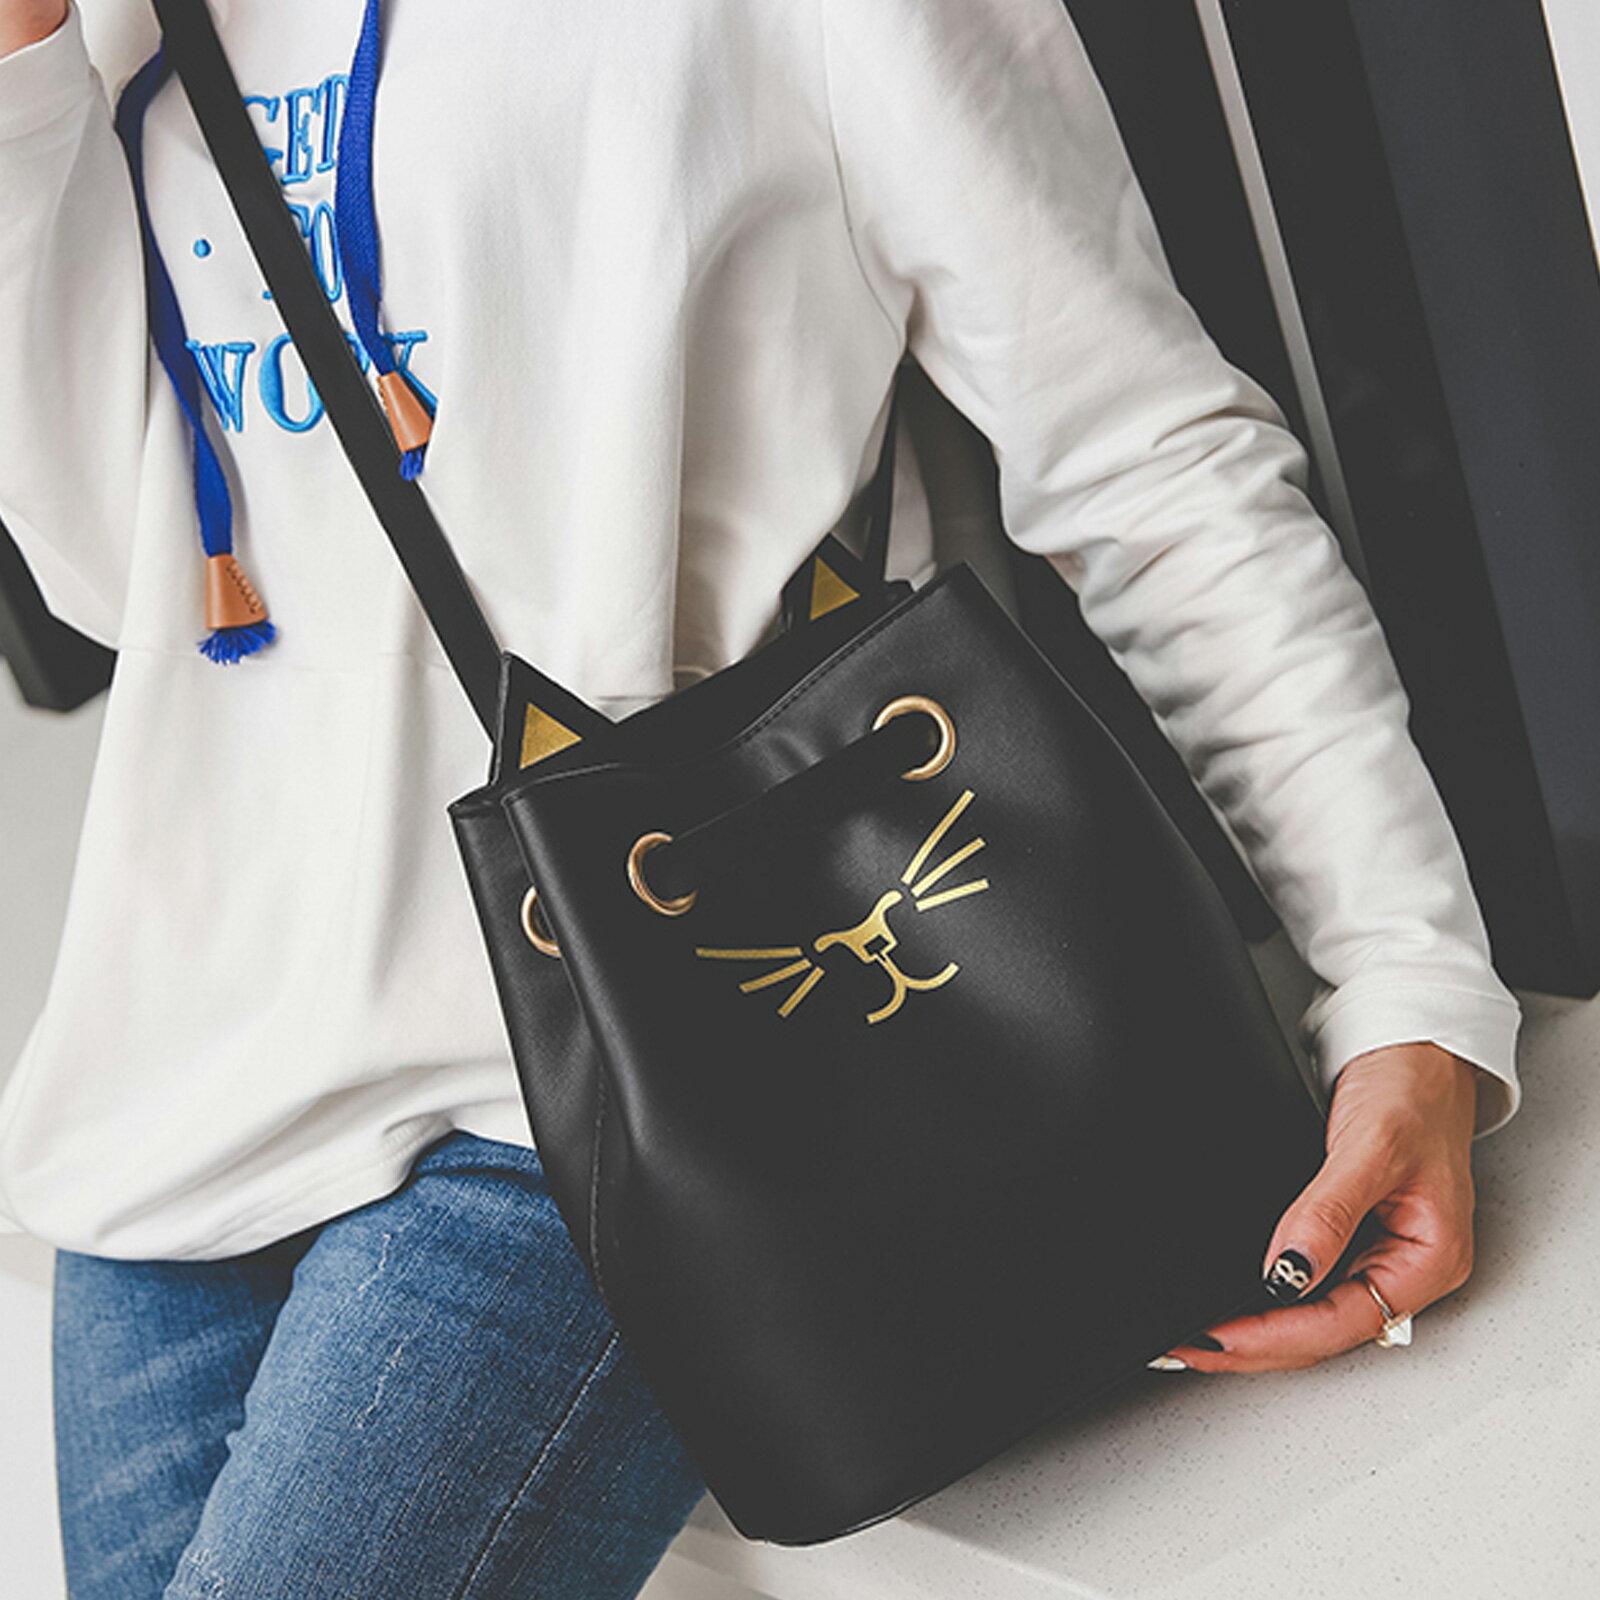 側背包 超萌貓臉刺繡皮革側背水桶包【O3212】☆雙兒網☆ 1